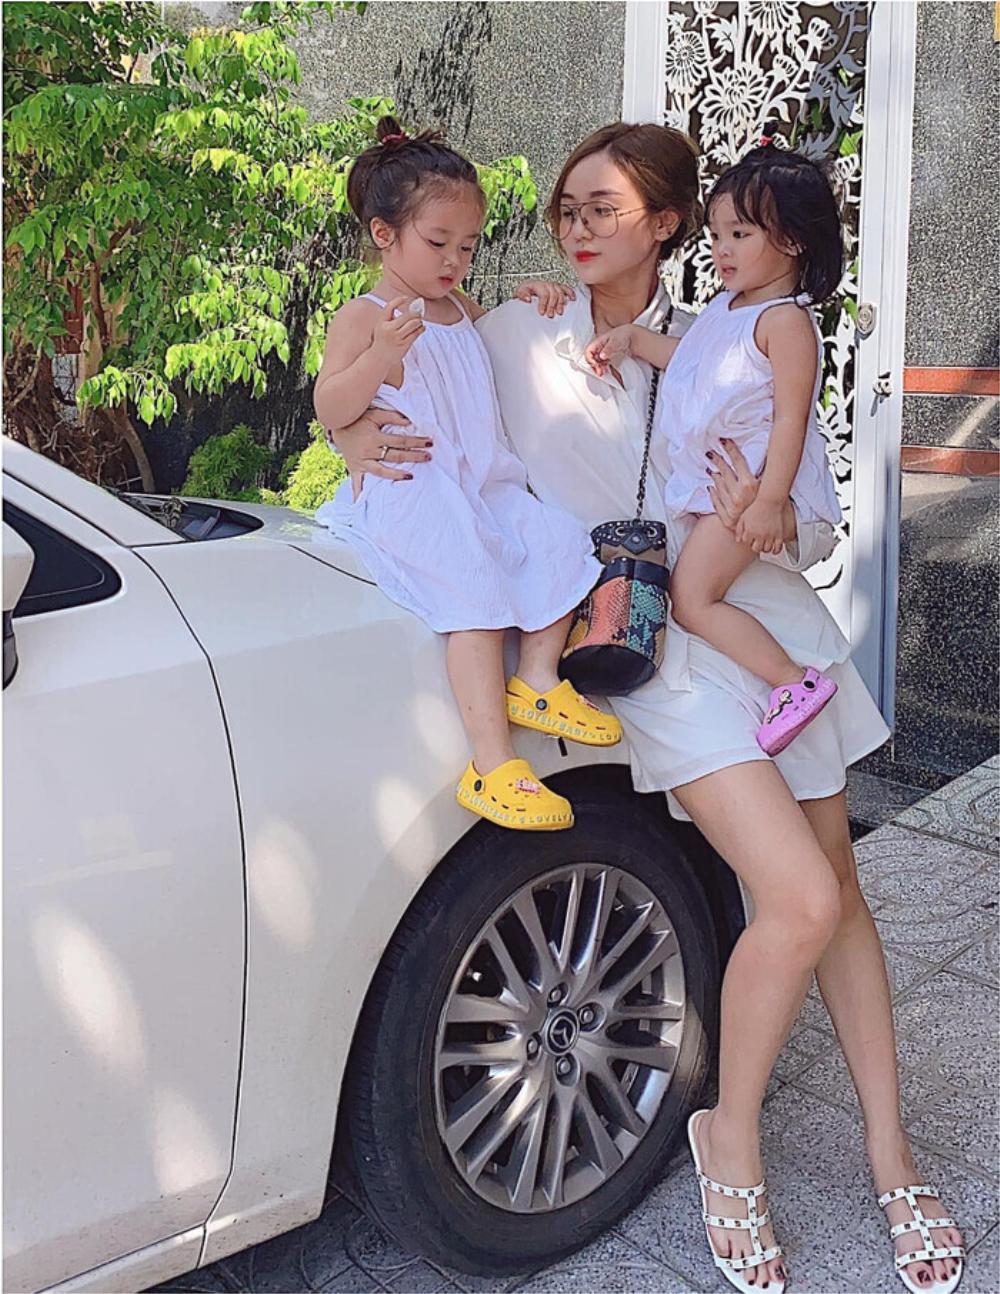 Hoài Lâm vắng mặt trong tiệc sinh nhật con gái, cũng không chúc mừng Ảnh 9